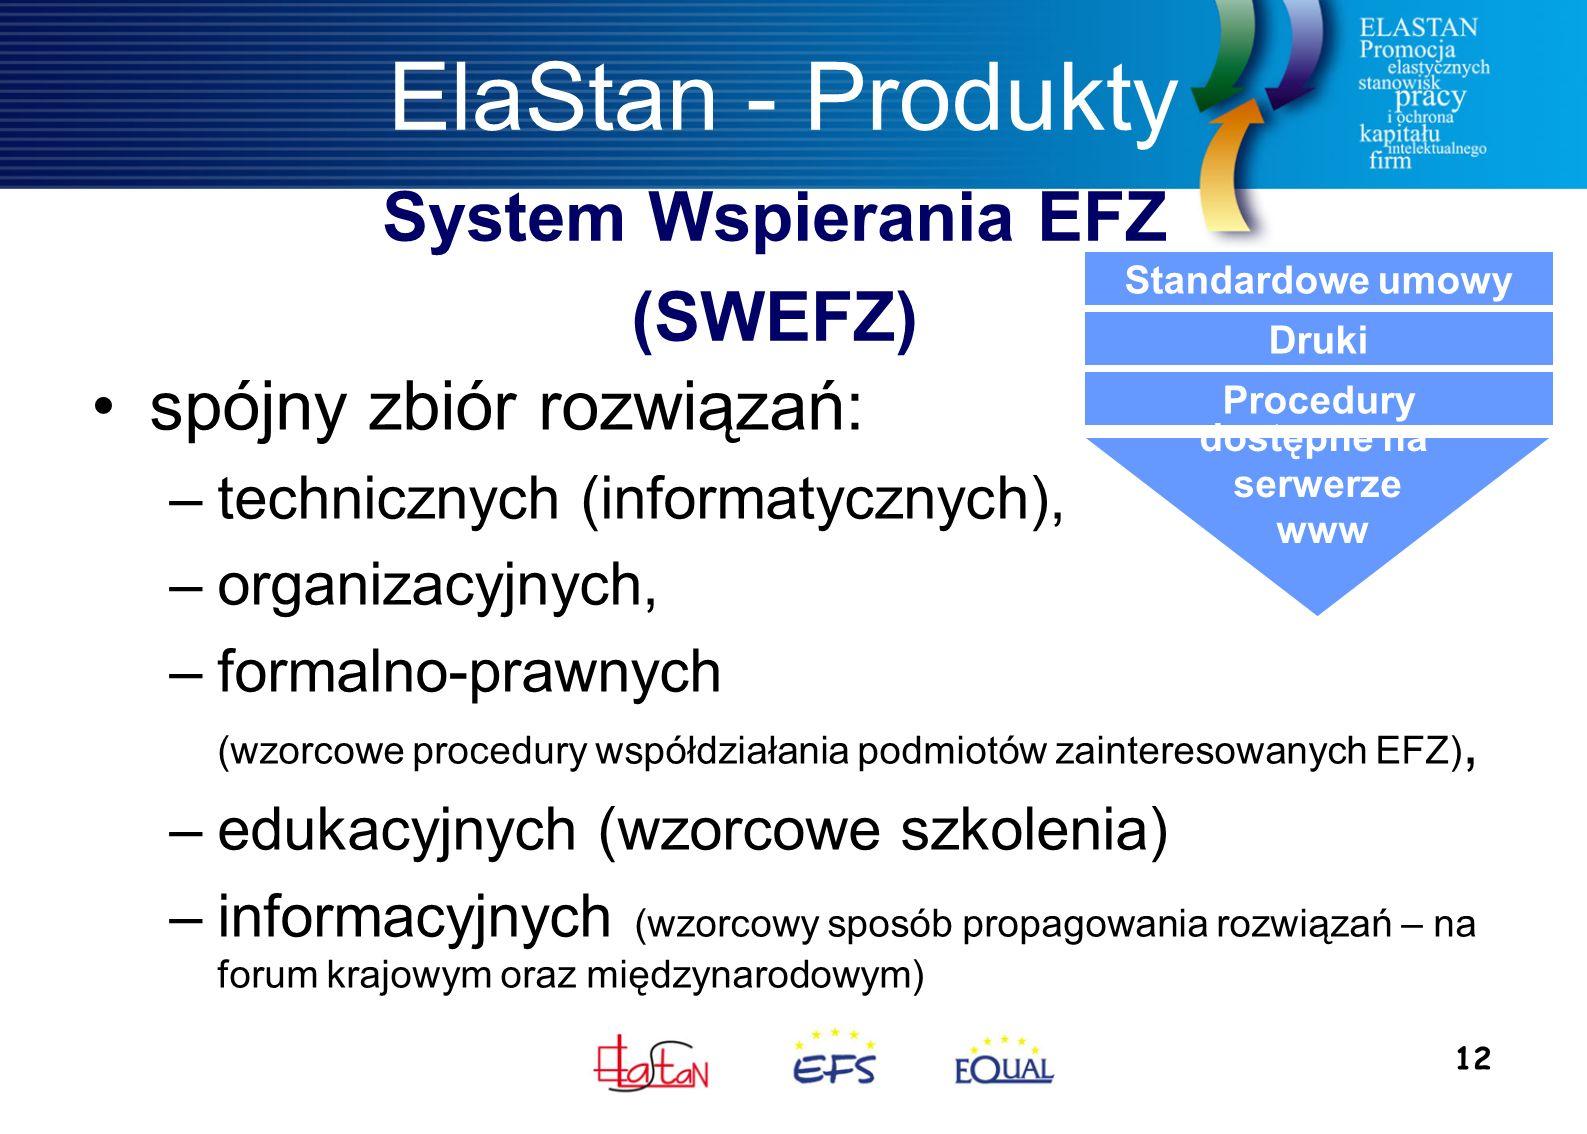 12 ElaStan - Produkty spójny zbiór rozwiązań: –technicznych (informatycznych), –organizacyjnych, –formalno-prawnych (wzorcowe procedury współdziałania